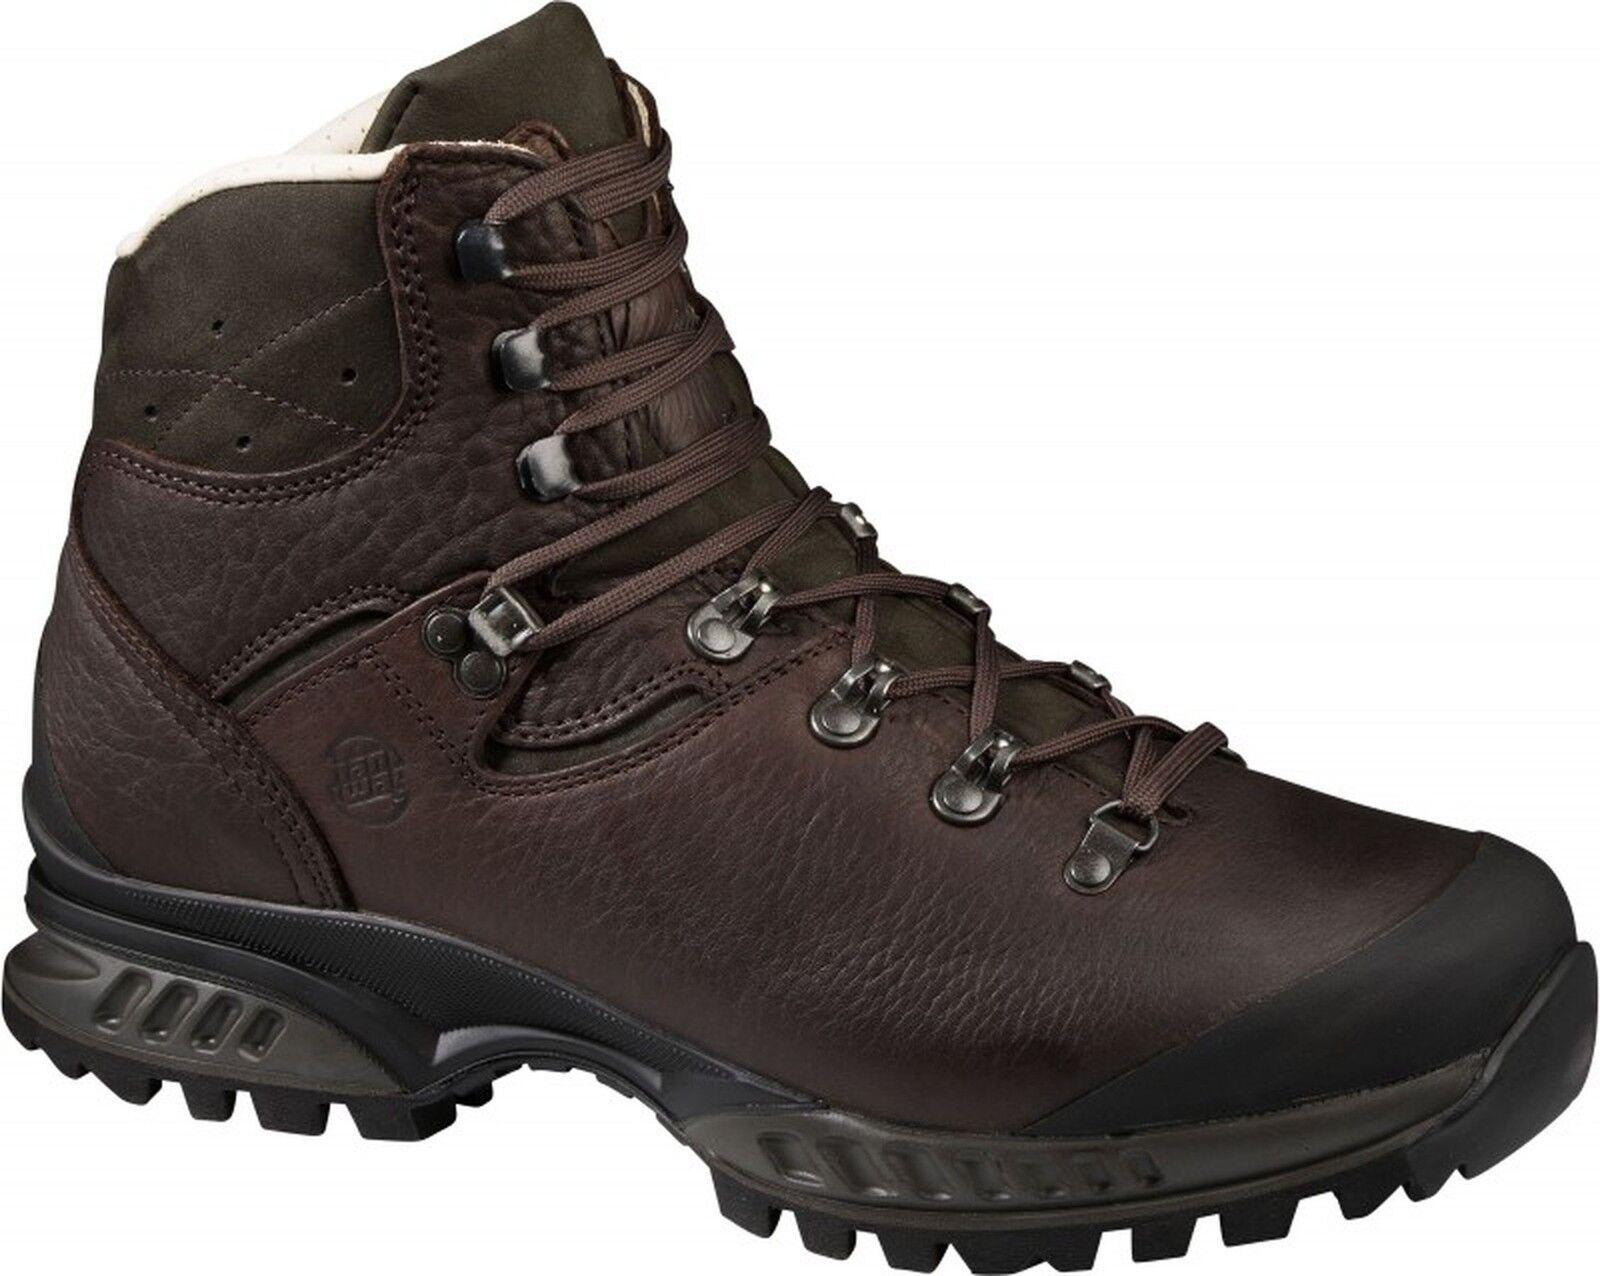 Hanwag trekking yak zapatos lhasa Wide tamaño 8 -  42 Marone  tiempo libre